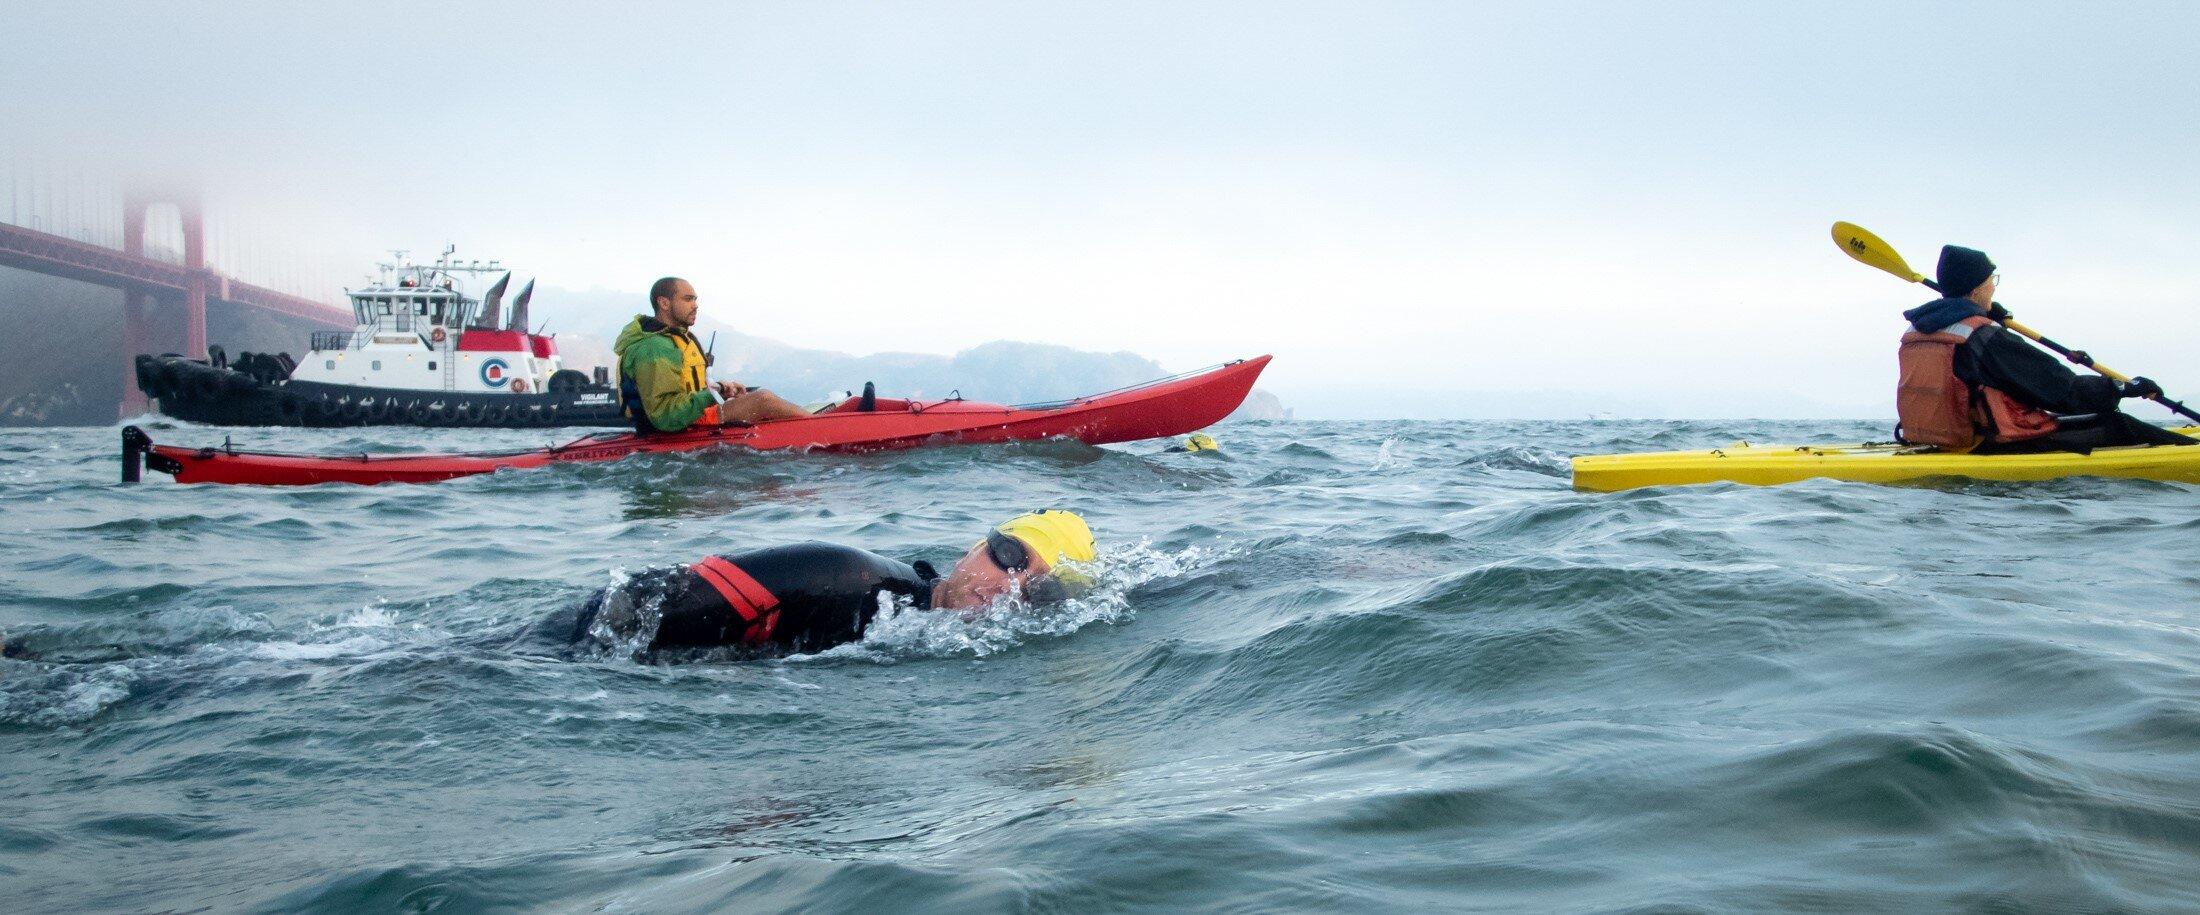 Kayaking for Bridge to Bridge Swim 2